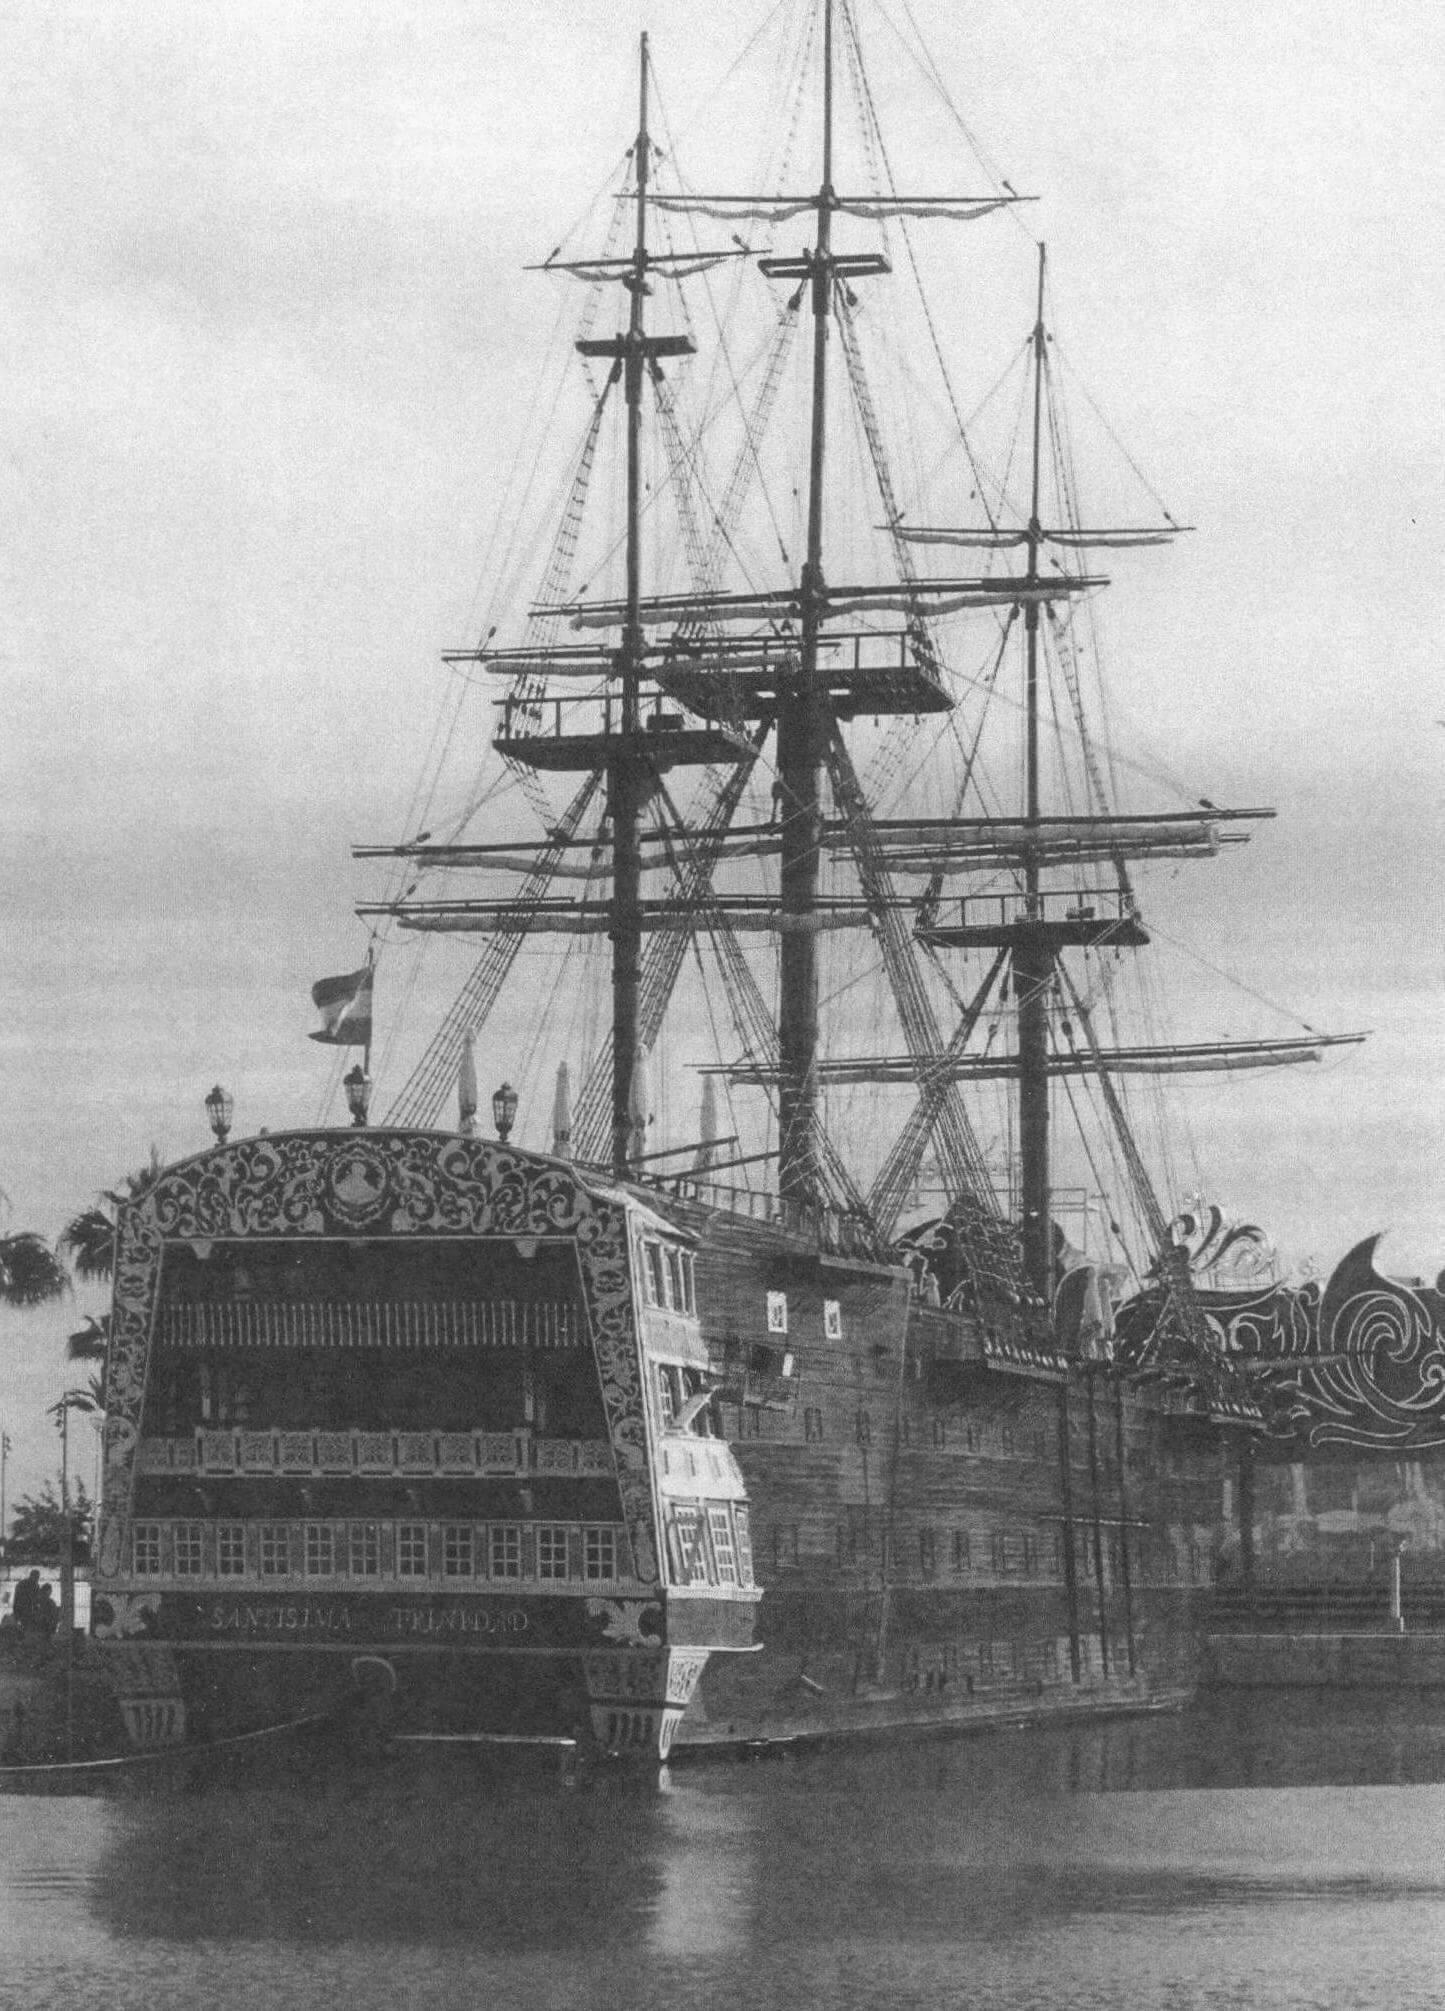 Реплика знаменитого корабля - развлекательный центр, имеющий весьма сомнительное сходство с оригиналом